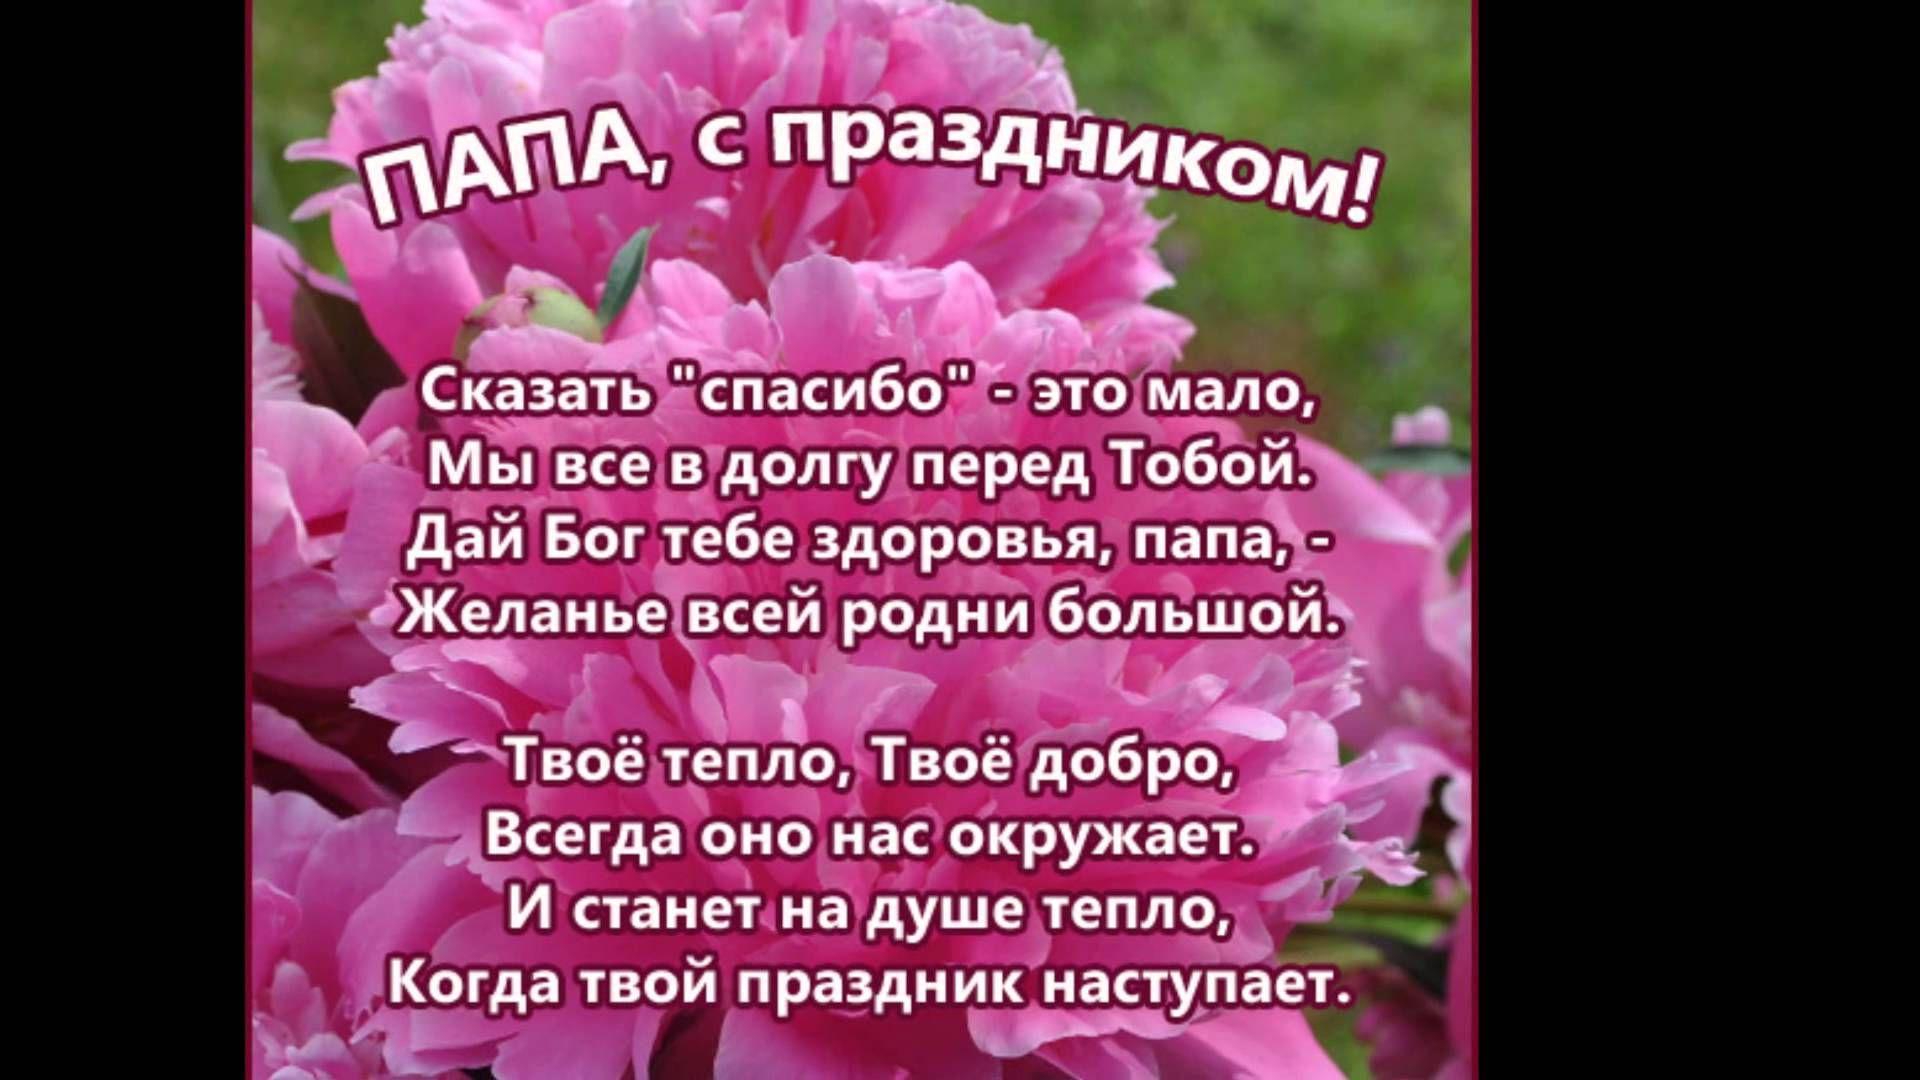 Kartinki Ot Docheri S Dnem Rozhdeniya Papa 22 Foto Happy Birthday Greetings